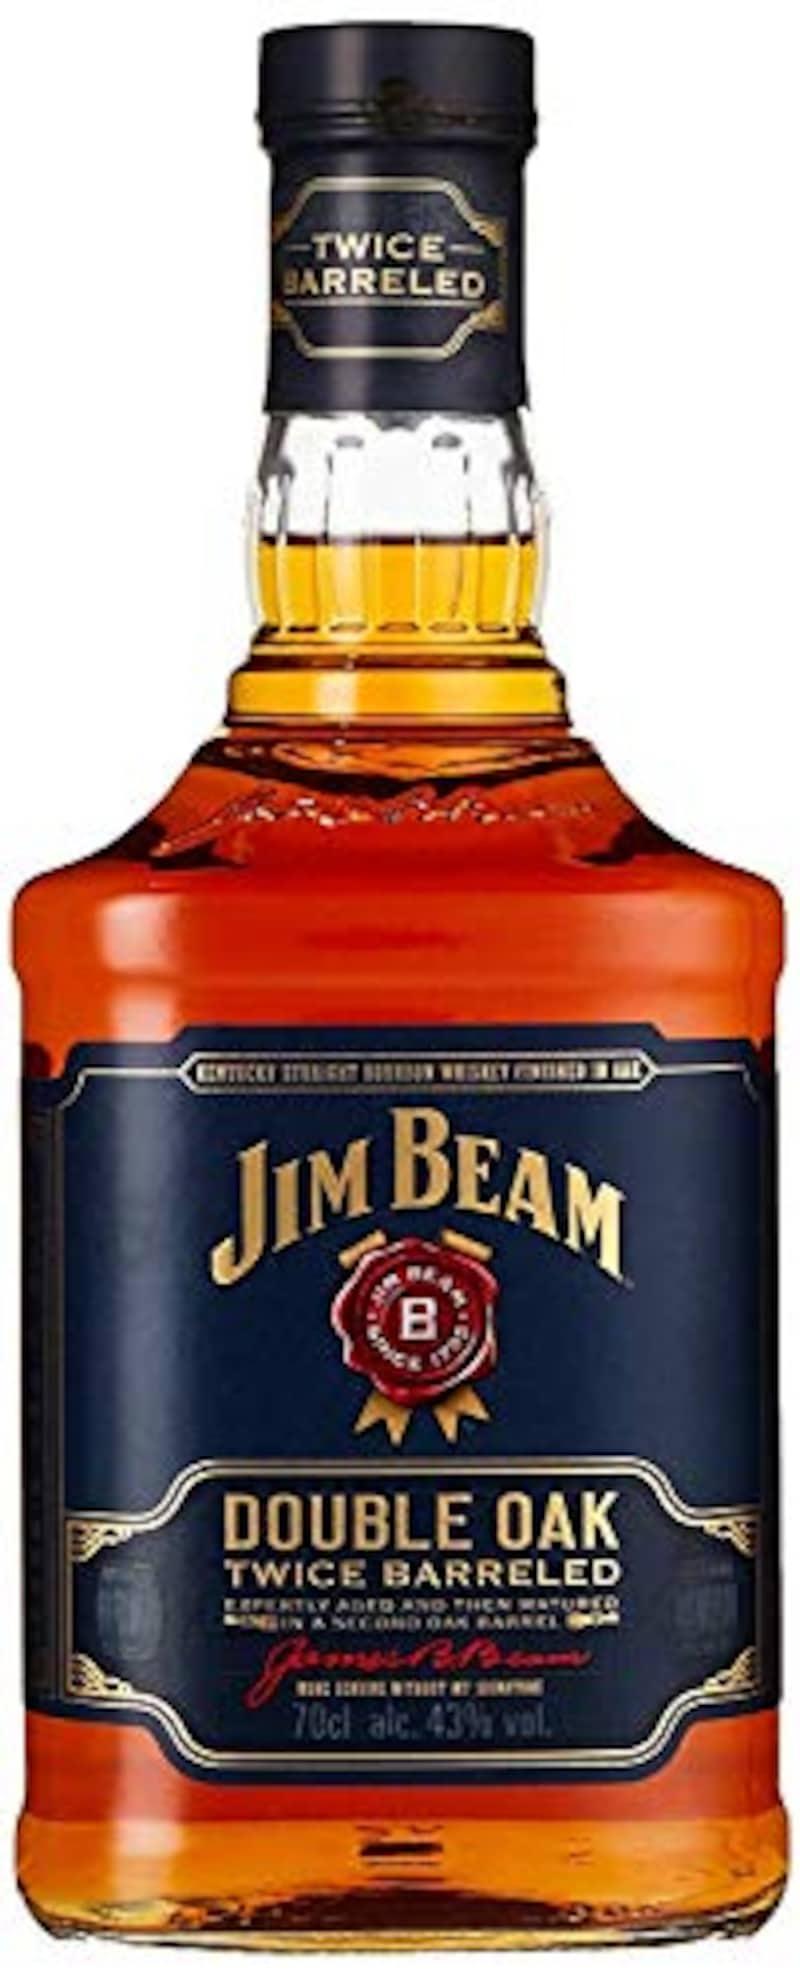 JIM BEAM(ジムビーム),ジムビーム ダブルオーク